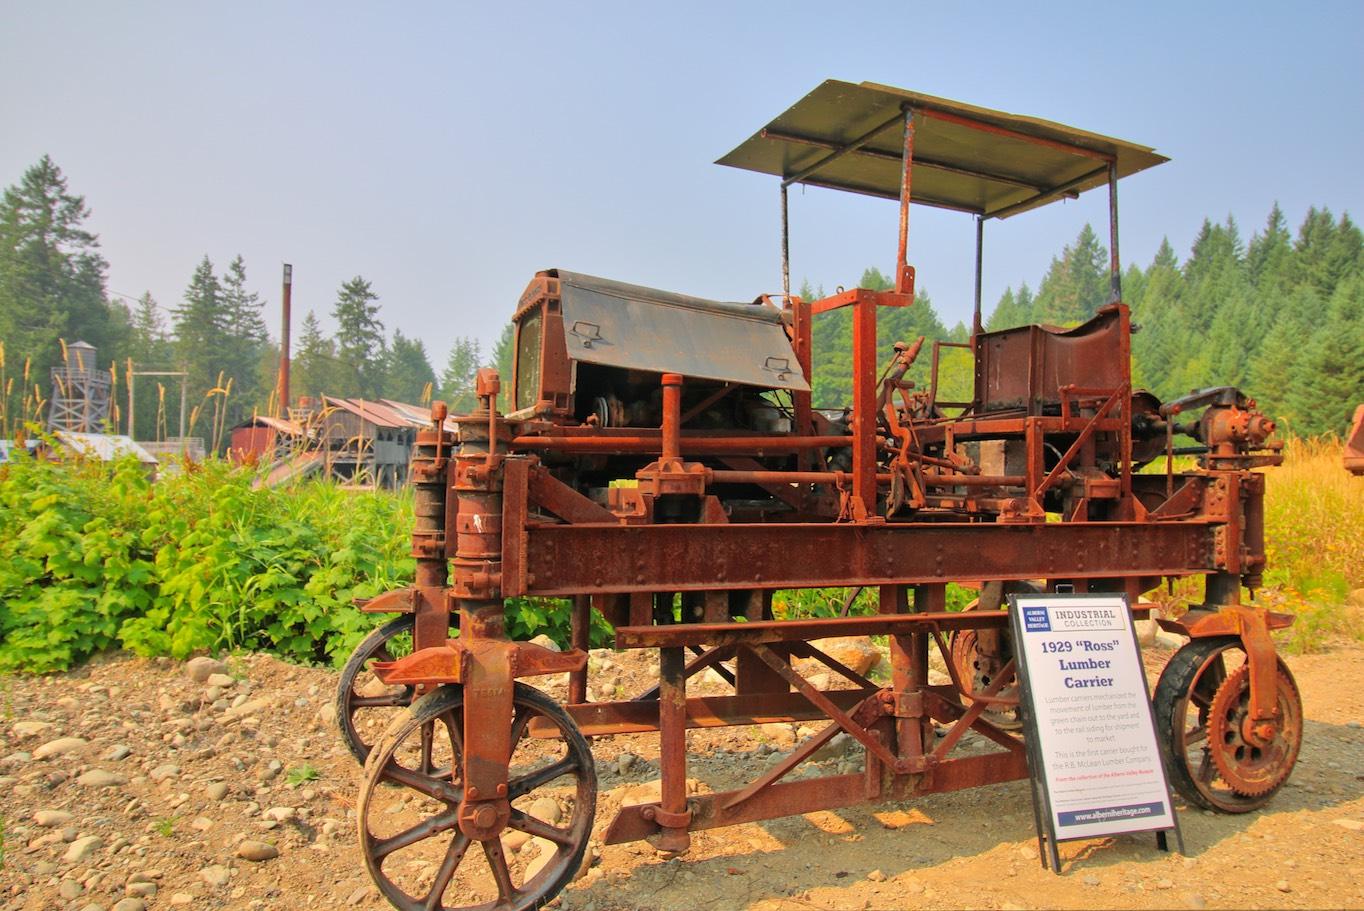 1929 Ross Lumber Carrier